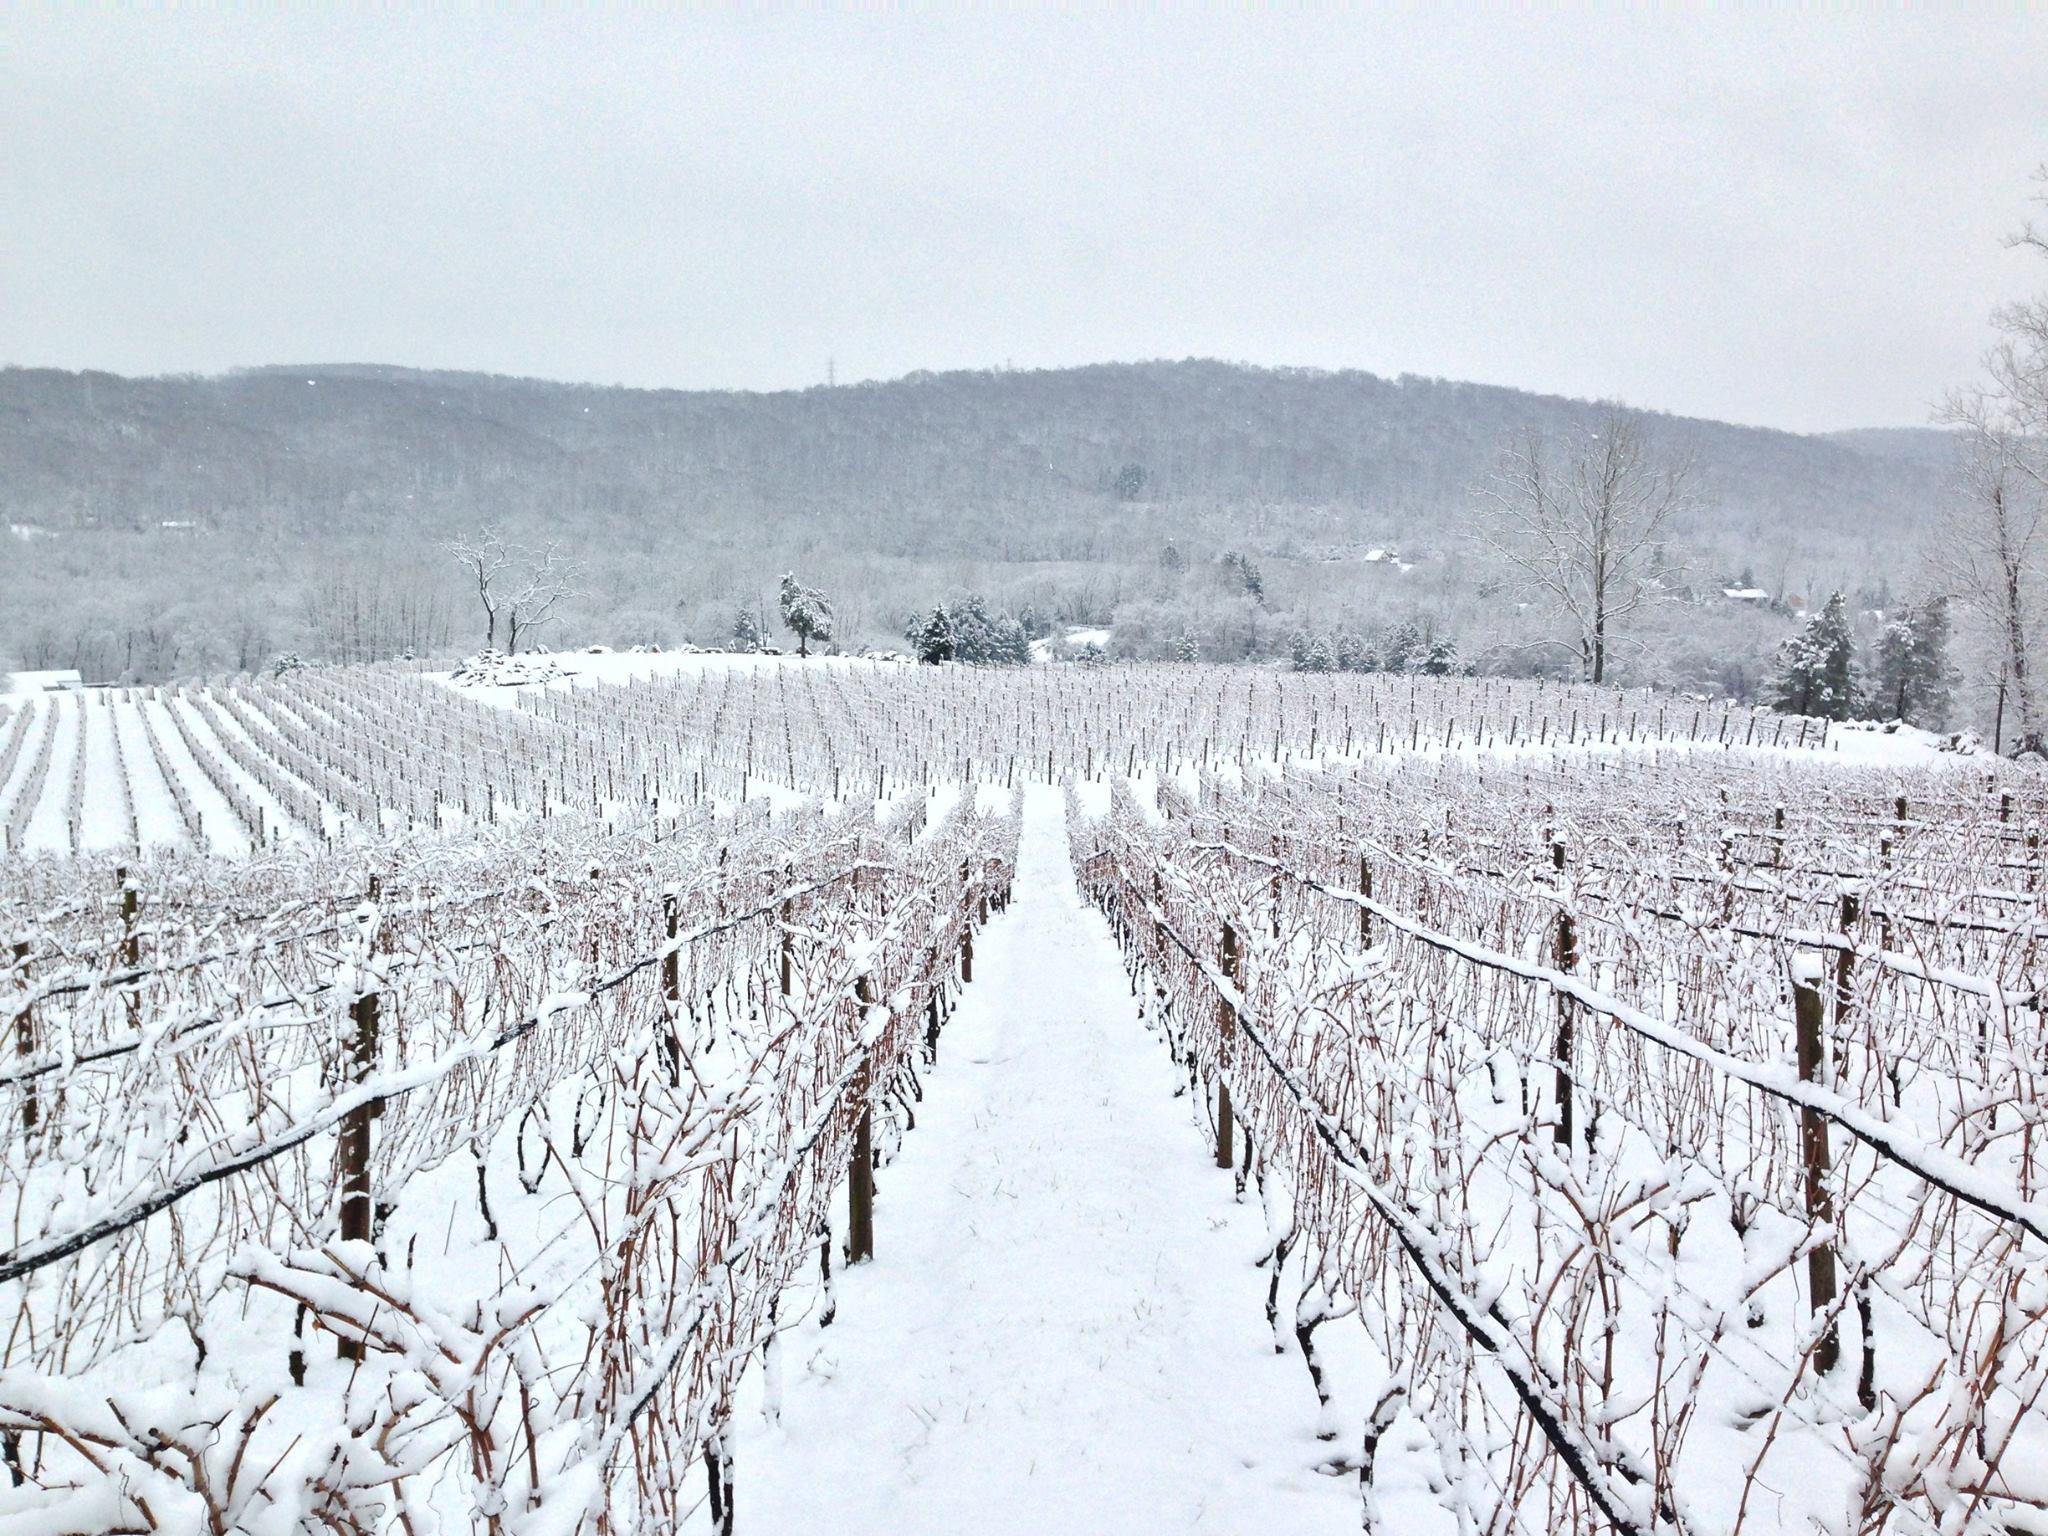 Alba Vineyard & Winery NJ vineyard in winter